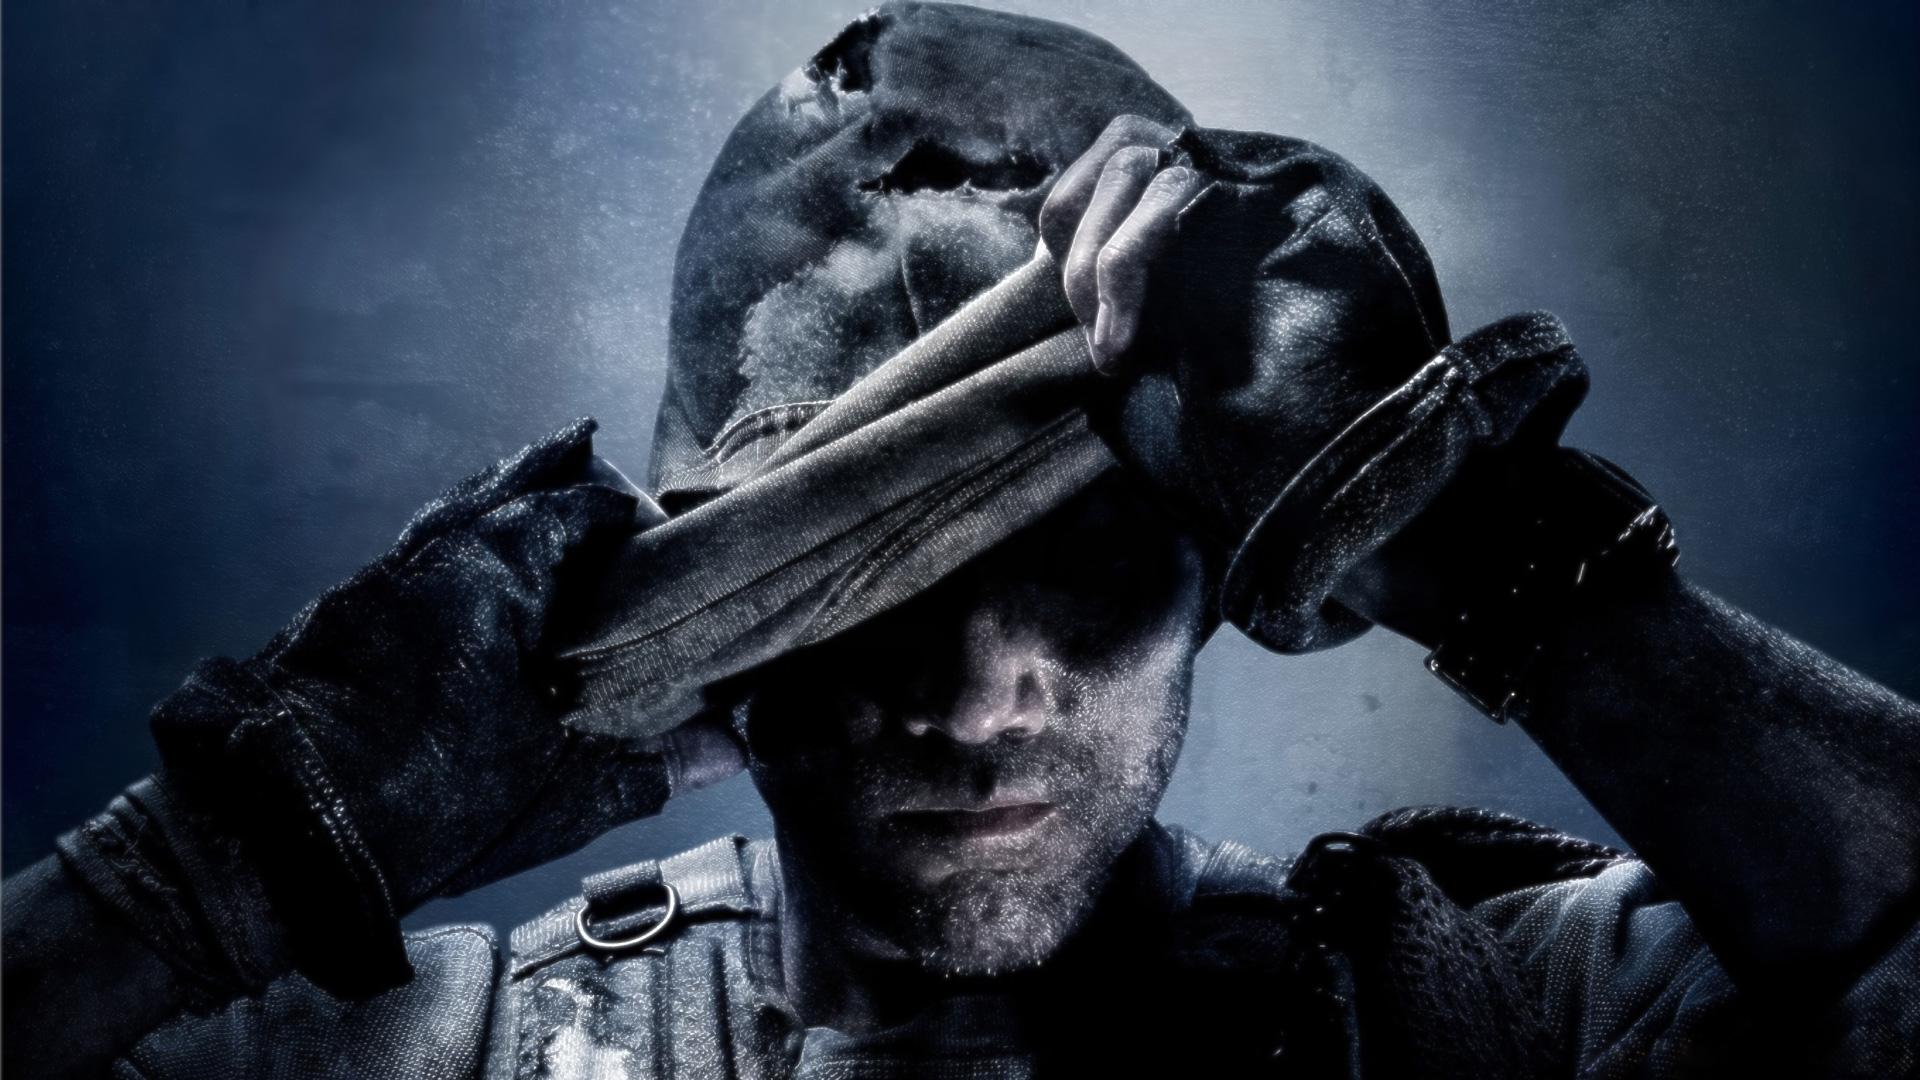 Call of Duty Ghosts Wallpaper - WallpaperSafari